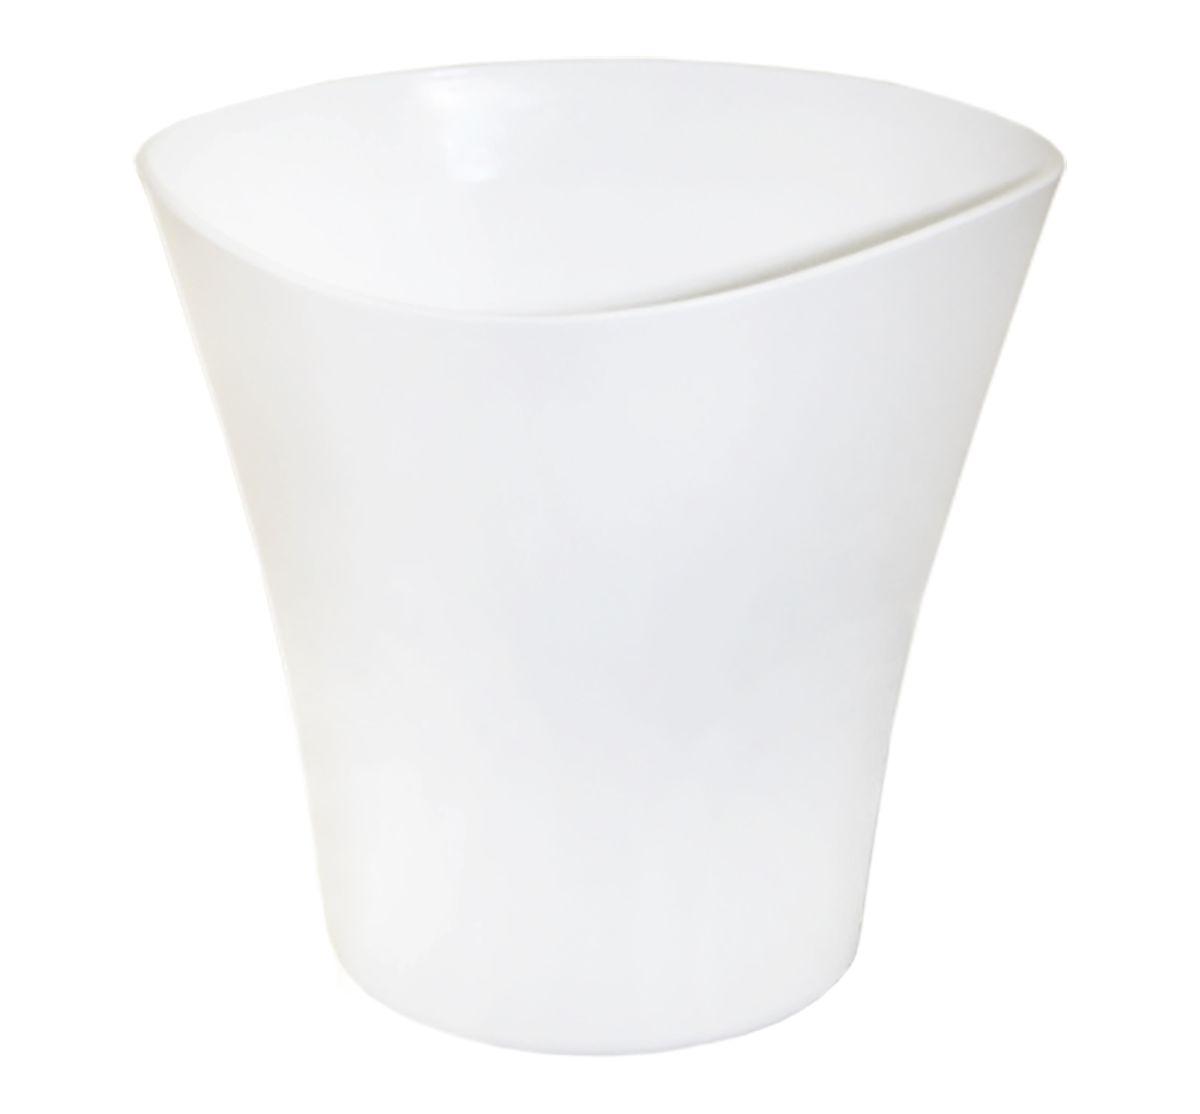 Кашпо JetPlast Волна, цвет: белый, 1,5 л4607128377425Кашпо Волна имеет уникальную форму, сочетающуюся как с классическим, так и с современным дизайном интерьера. Оно изготовлено из прочного полипропилена (пластика) и предназначено для выращивания растений, цветов и трав в домашних условиях. Такое кашпо порадует вас функциональностью, а благодаря лаконичному дизайну впишется в любой интерьер помещения.Объем кашпо: 1,5 л.